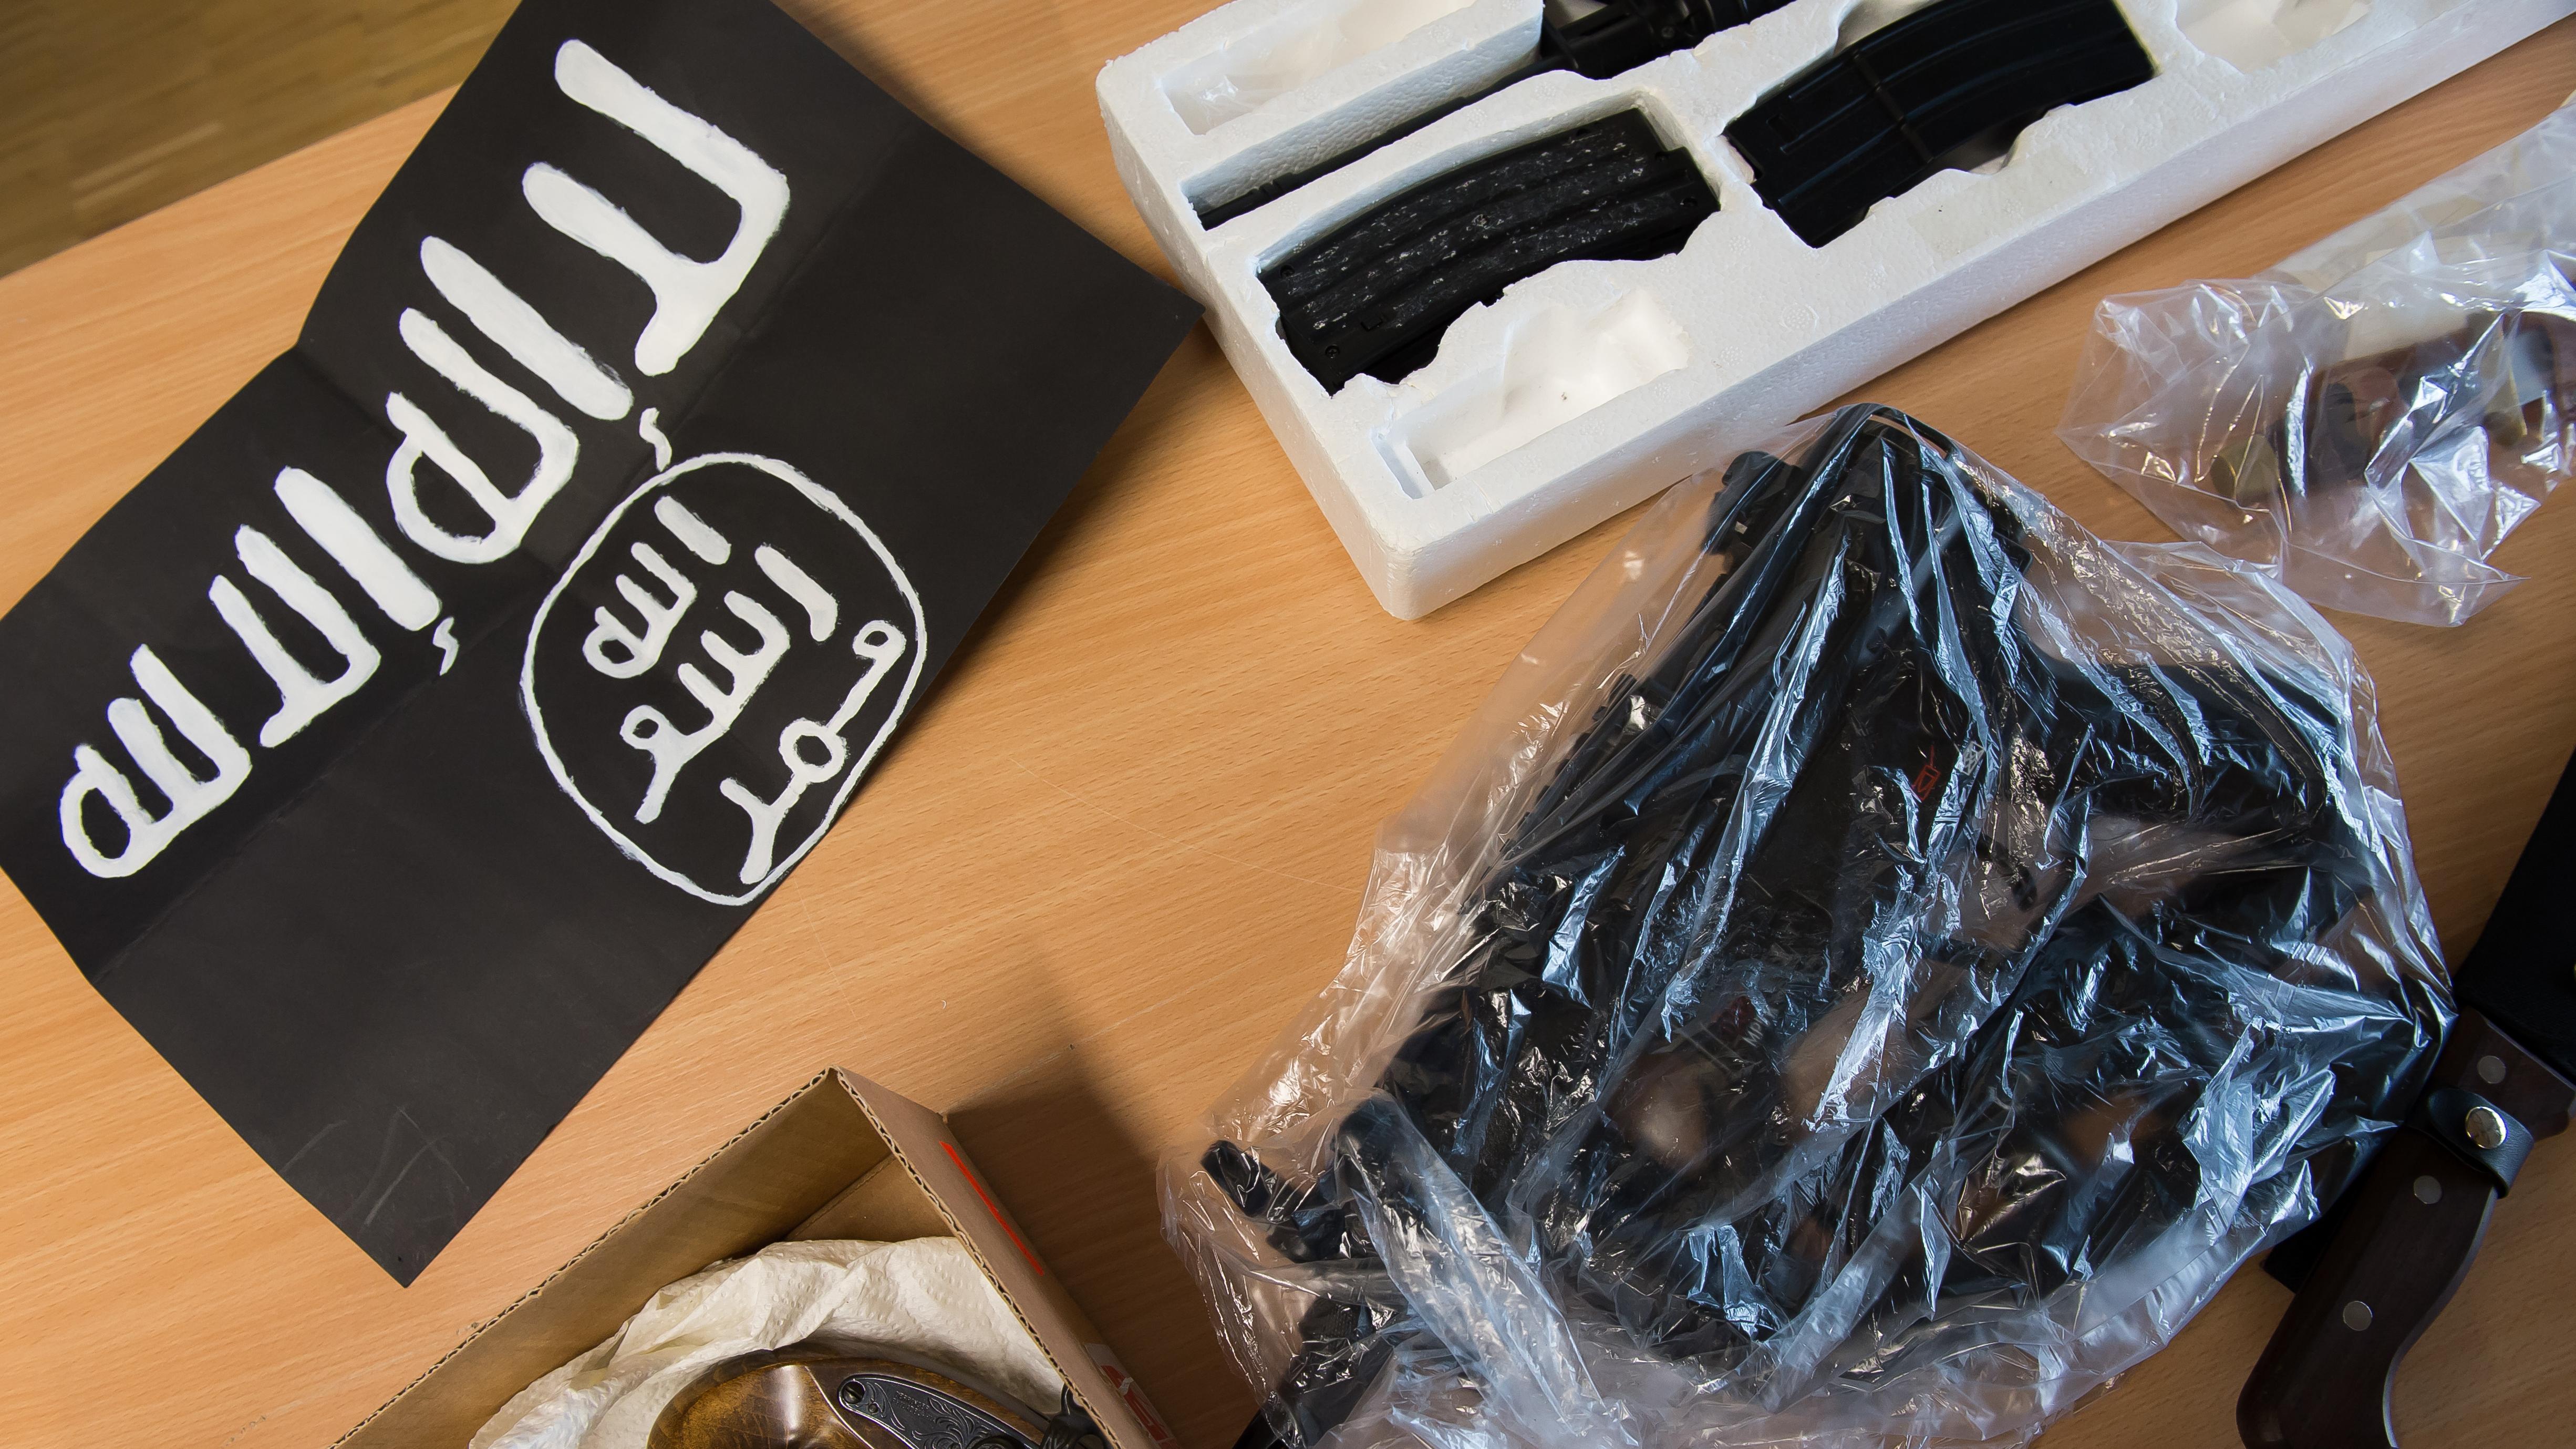 Symbolbild: Bei einer Razzia beschlagnahmte Gegenstände in Göttingen